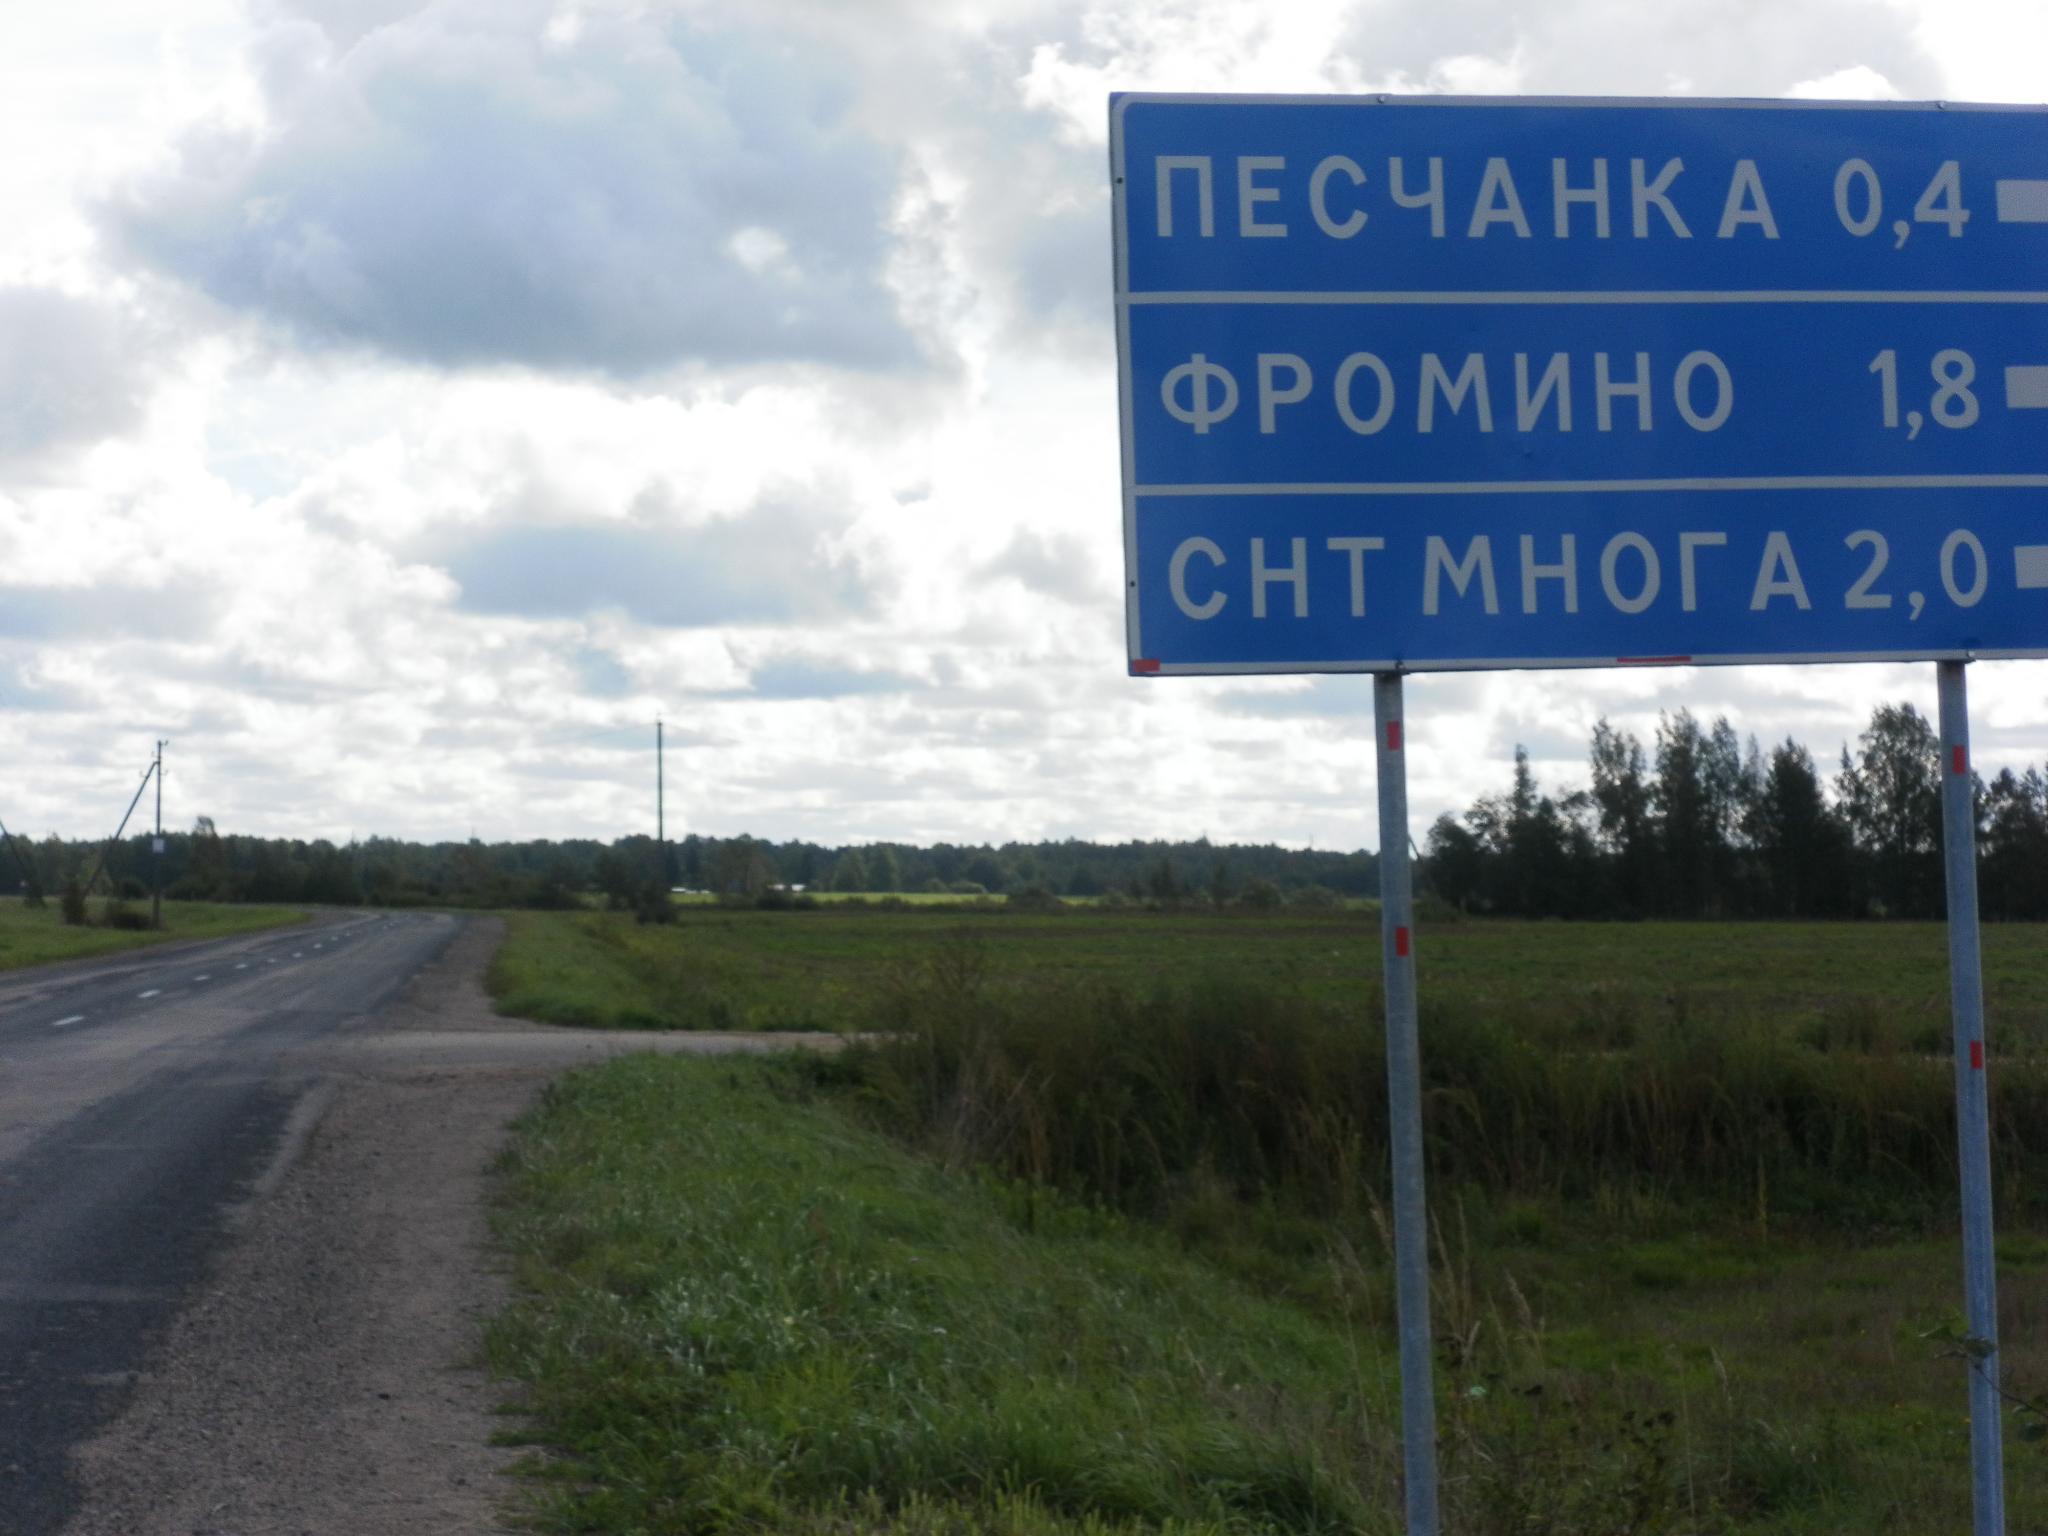 Земельный участок 15 соток СНТ Многа (д. Фромино)